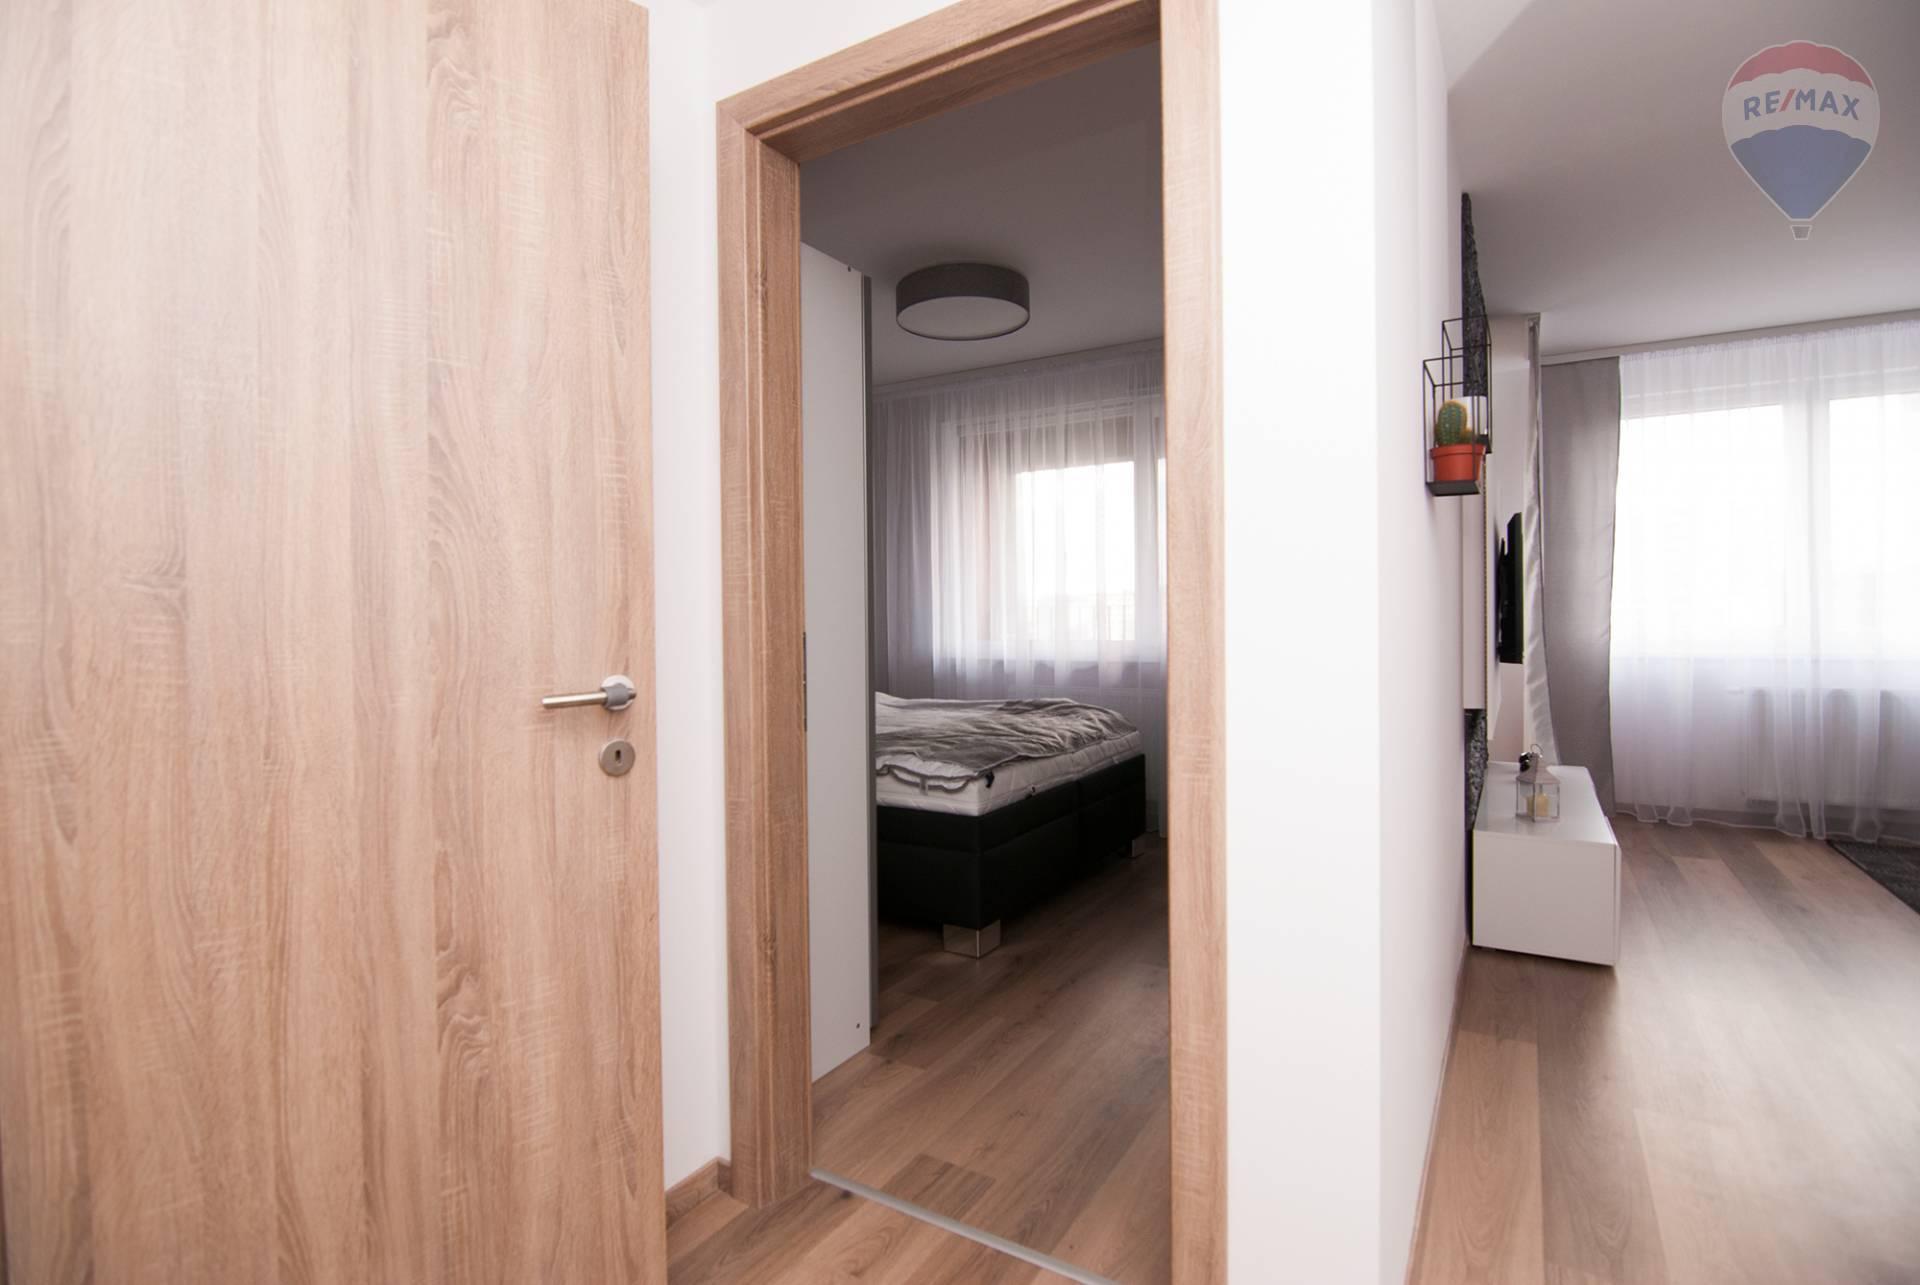 Prenájom bytu (2 izbový) 48 m2, Bratislava - Petržalka - predsieň